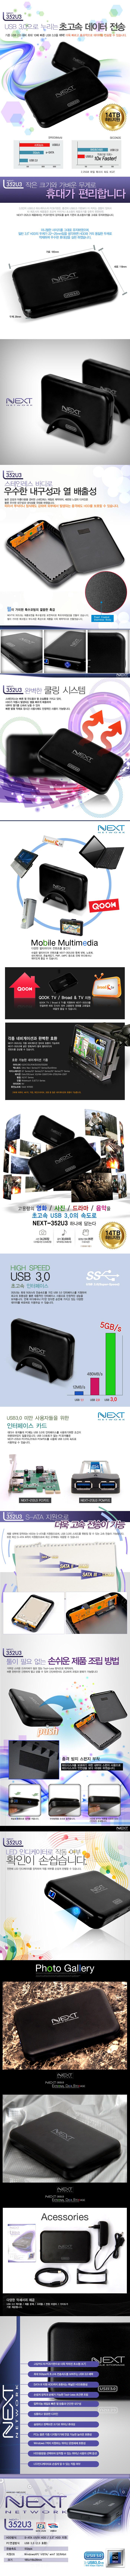 이지넷유비쿼터스 넥스트 NEXT-352U3 (8TB)